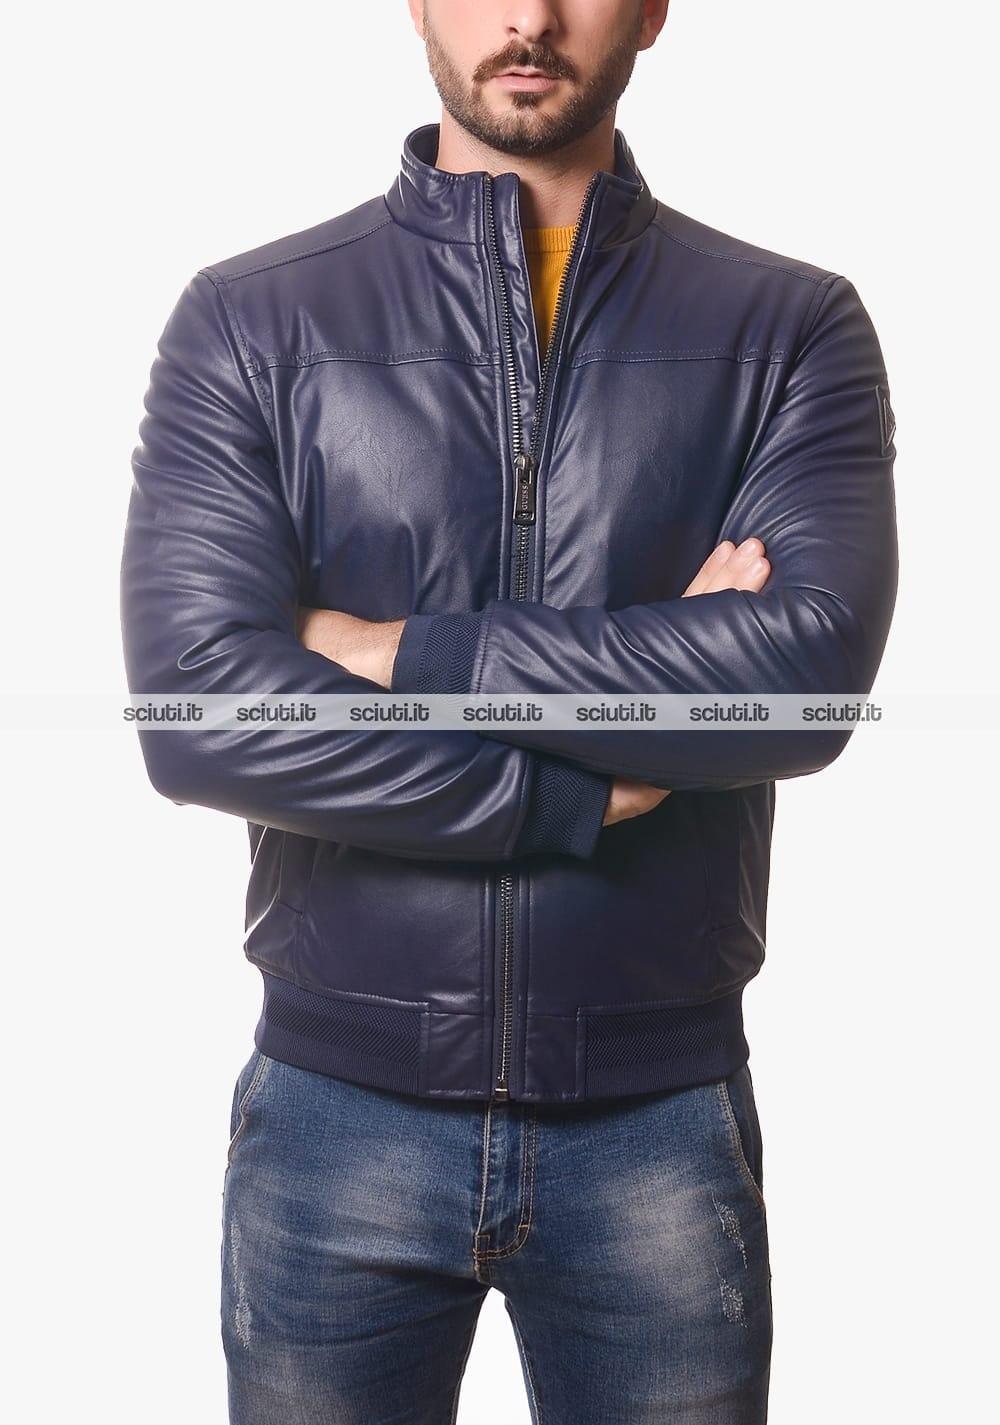 Giubbotto Guess uomo blu scuro senza cappuccio ecopelle